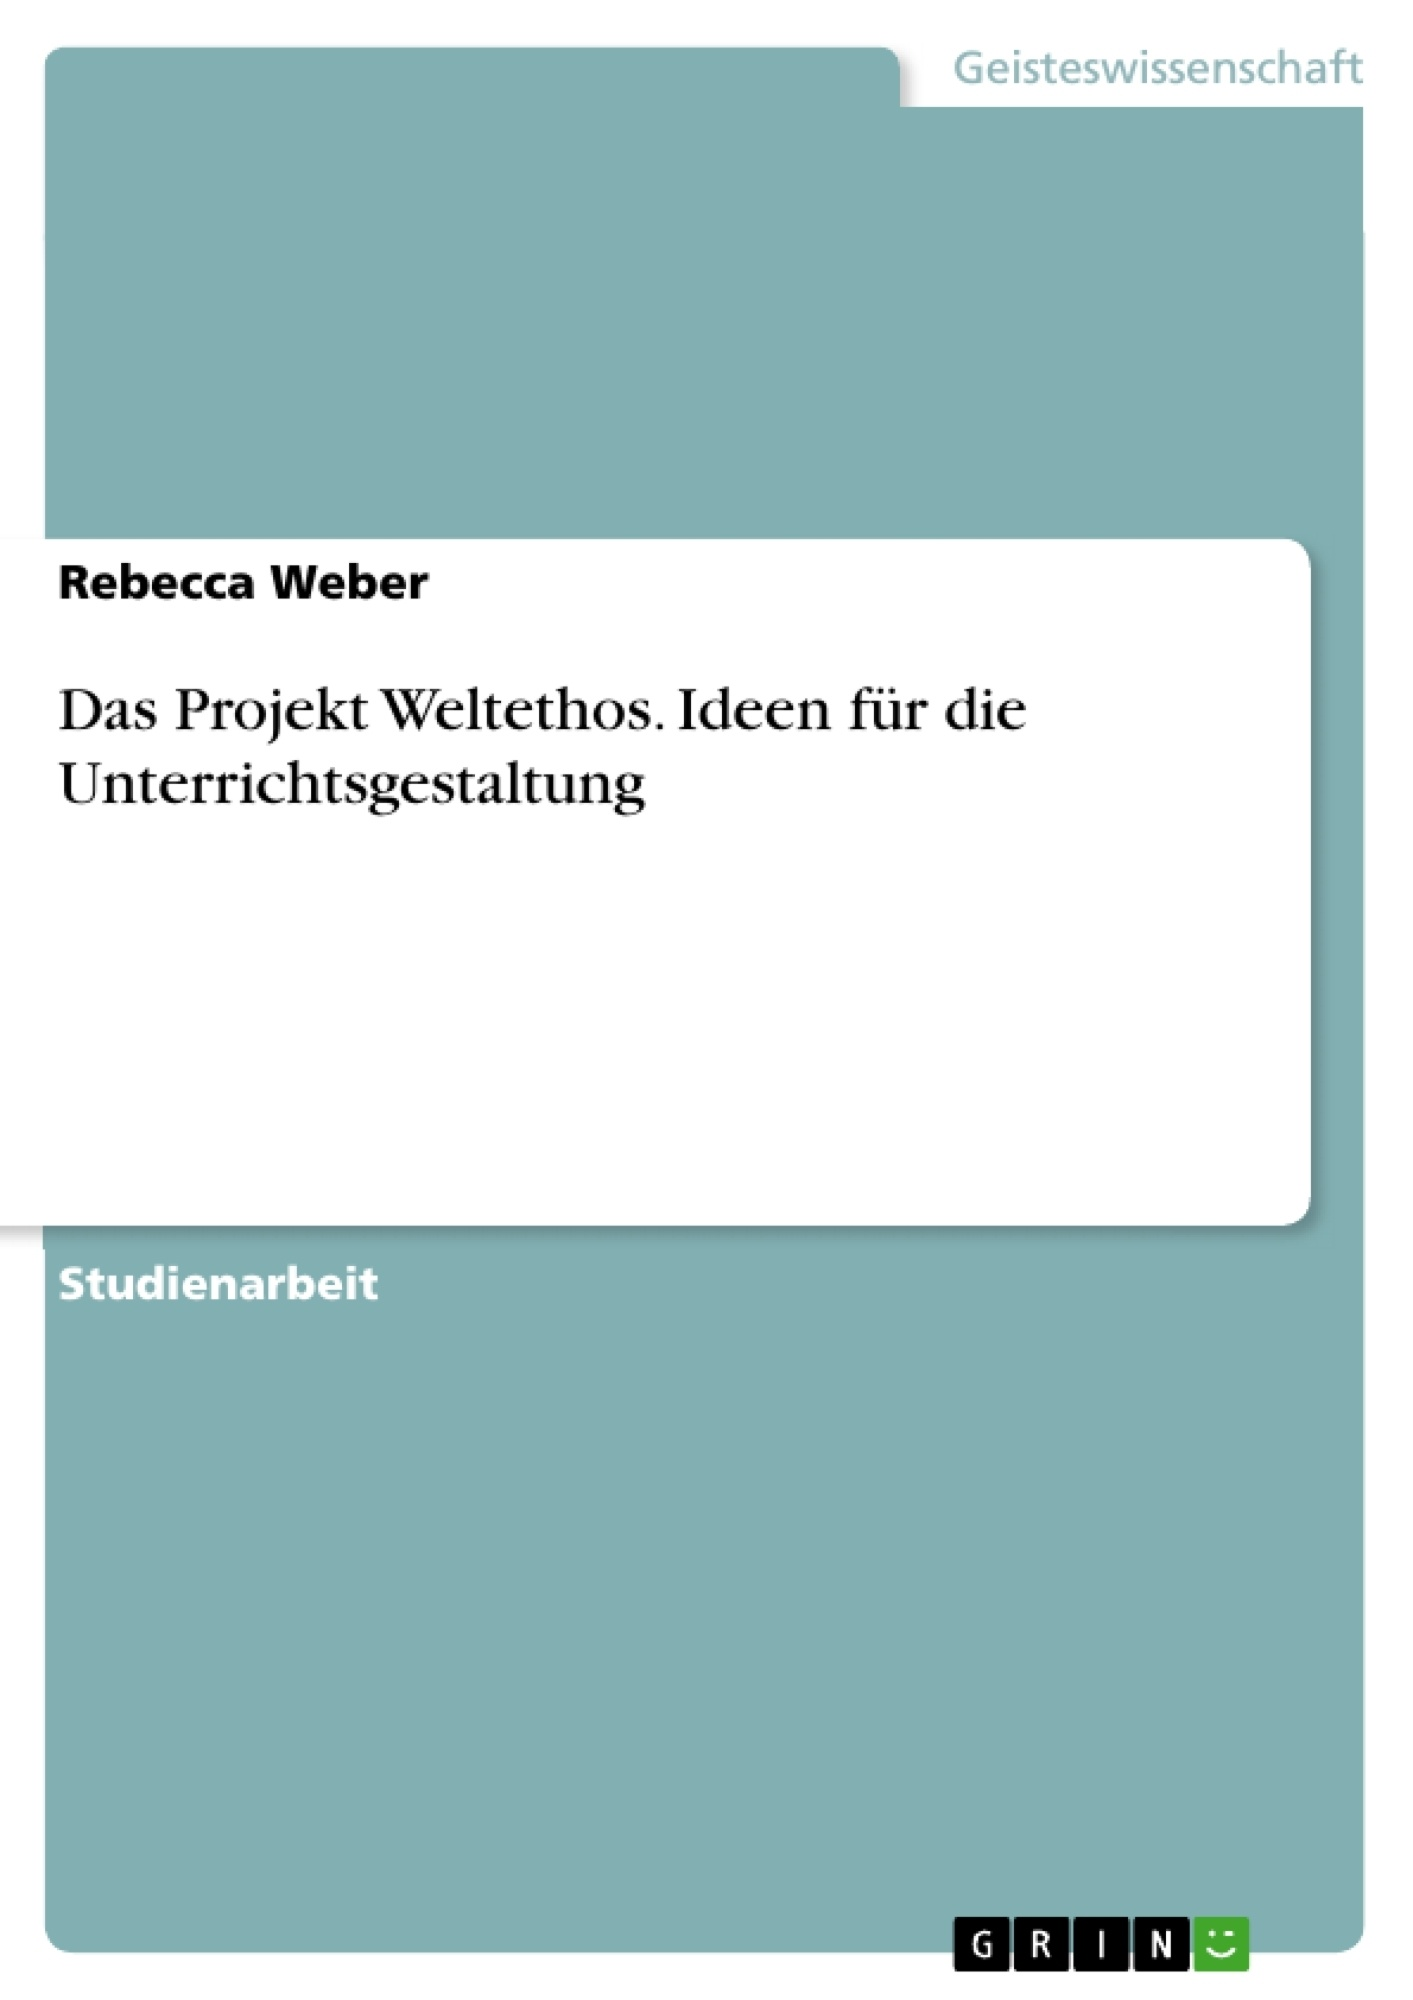 Titel: Das Projekt Weltethos. Ideen für die Unterrichtsgestaltung